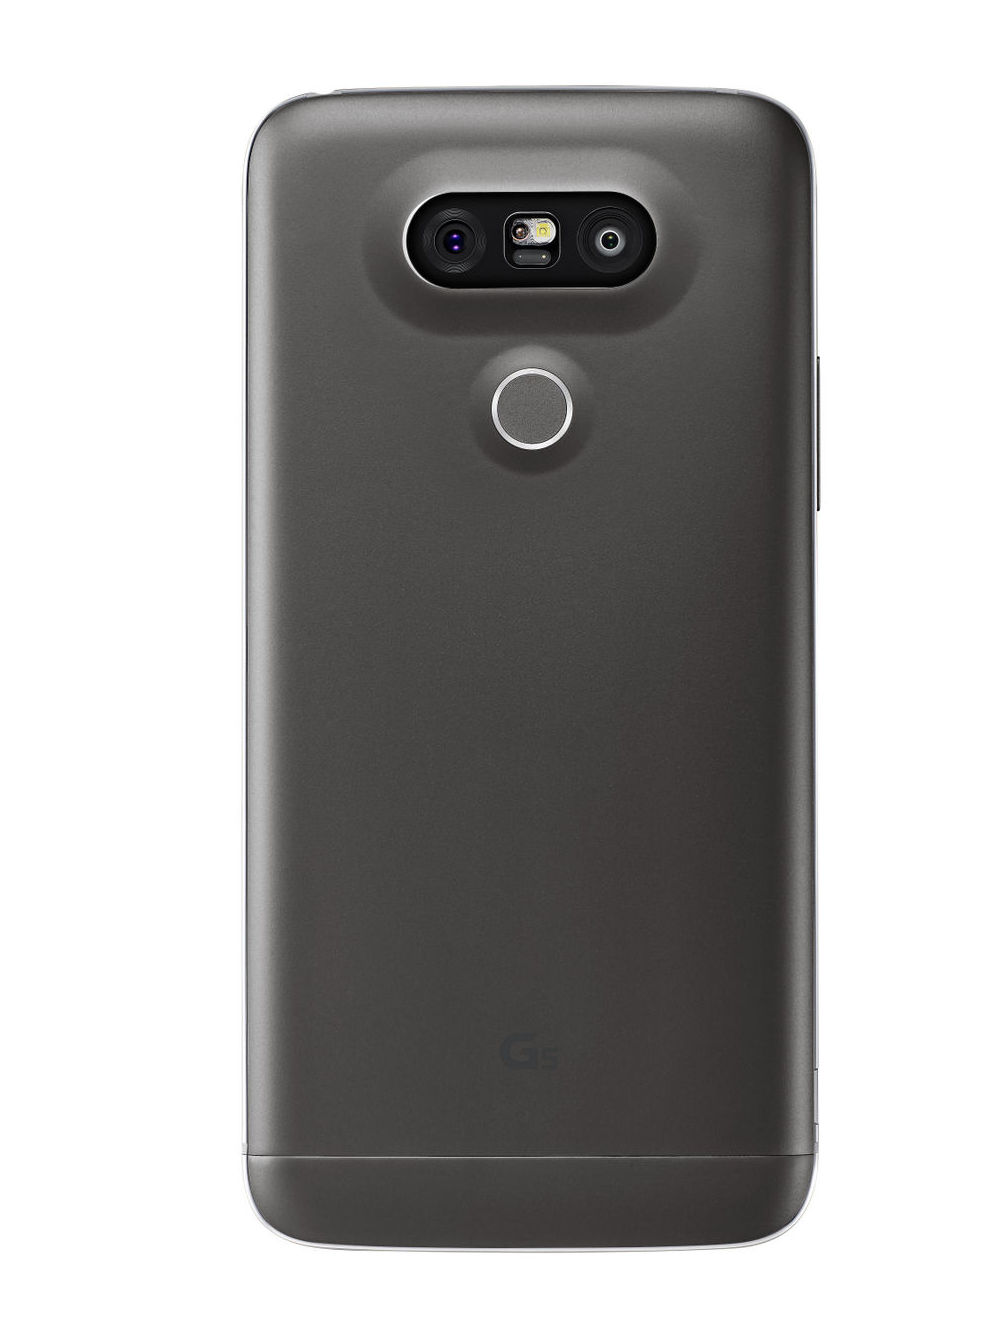 LG G5 používa dva fotoaparáty s odlišnými objektívmi. Jeden je štandardný, druhý širokouhlý. Snímače oboch majú 8 Megapixelov.